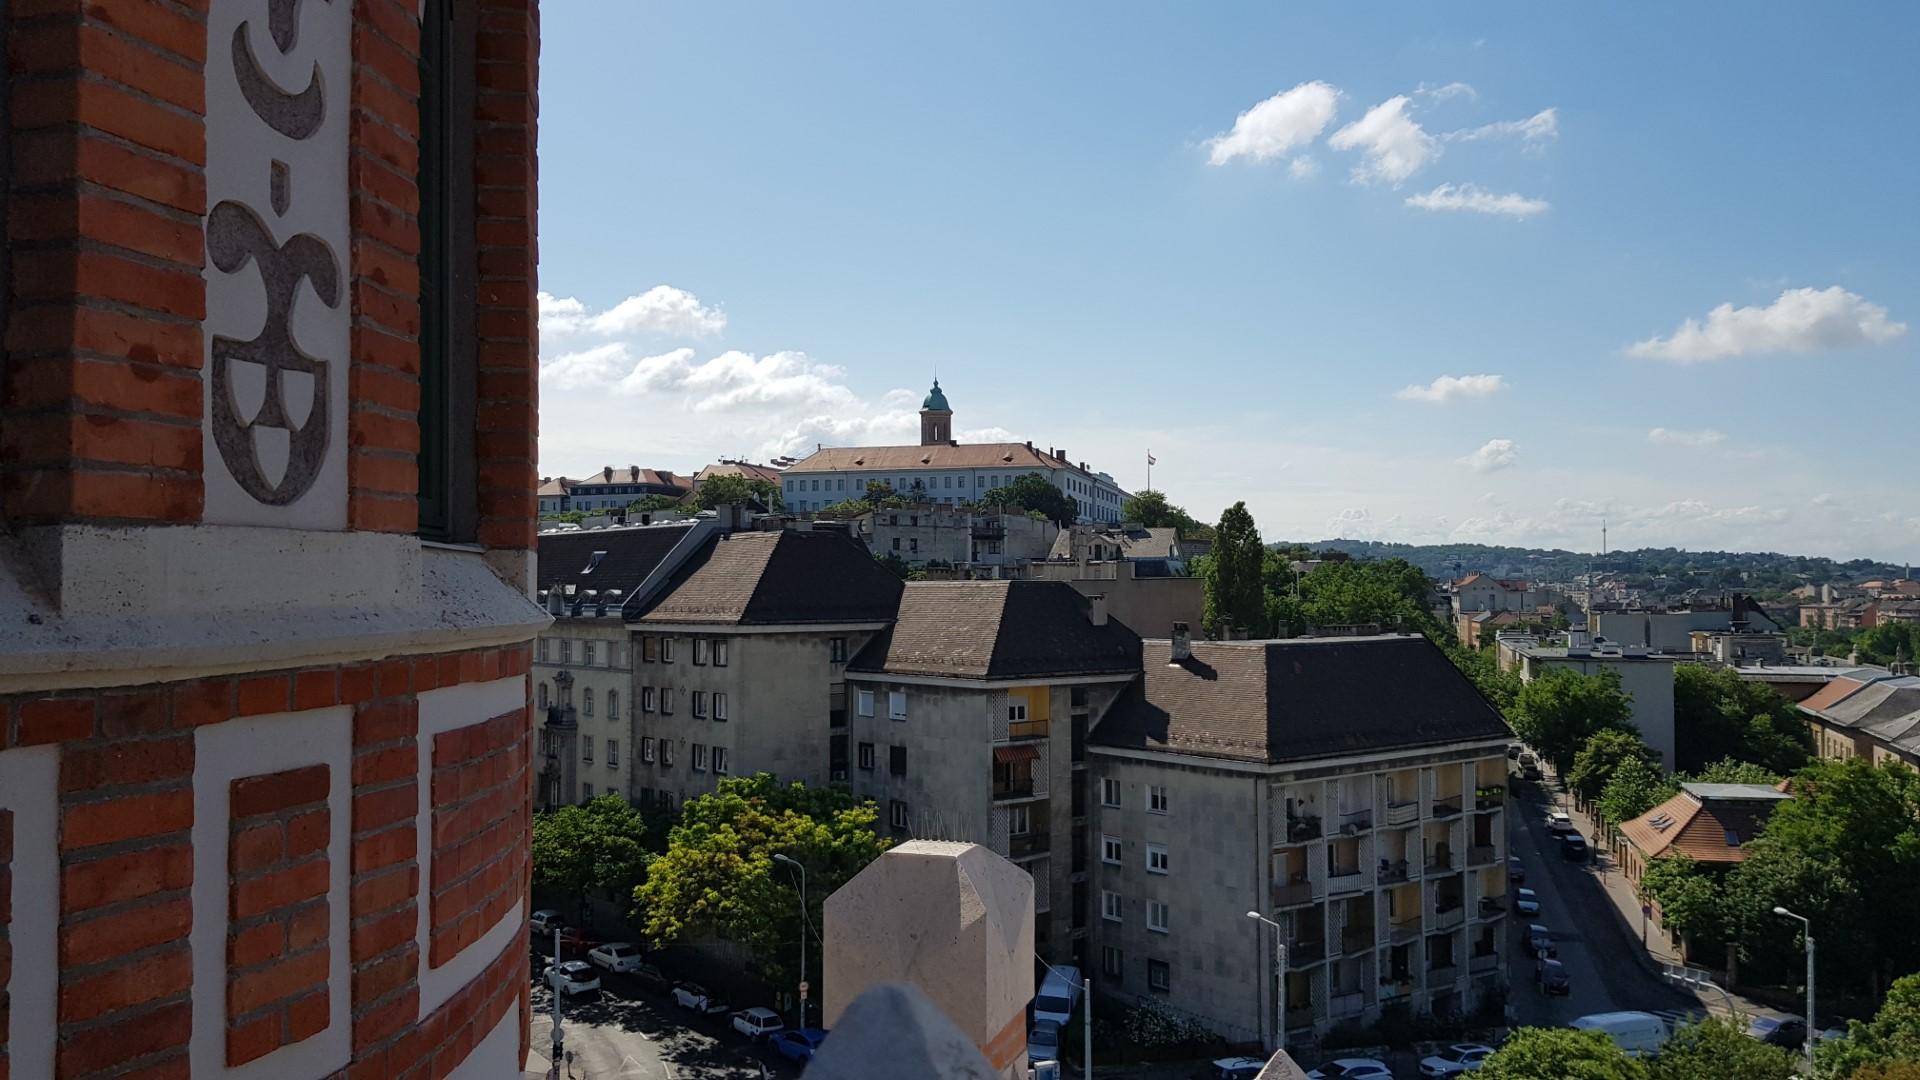 Kilátás a vár irányába. A torony oldalán szépen látszanak az épületdíszek: a reknstruált egykori sgraffitók, a tégla- és vakolatarchitektúra